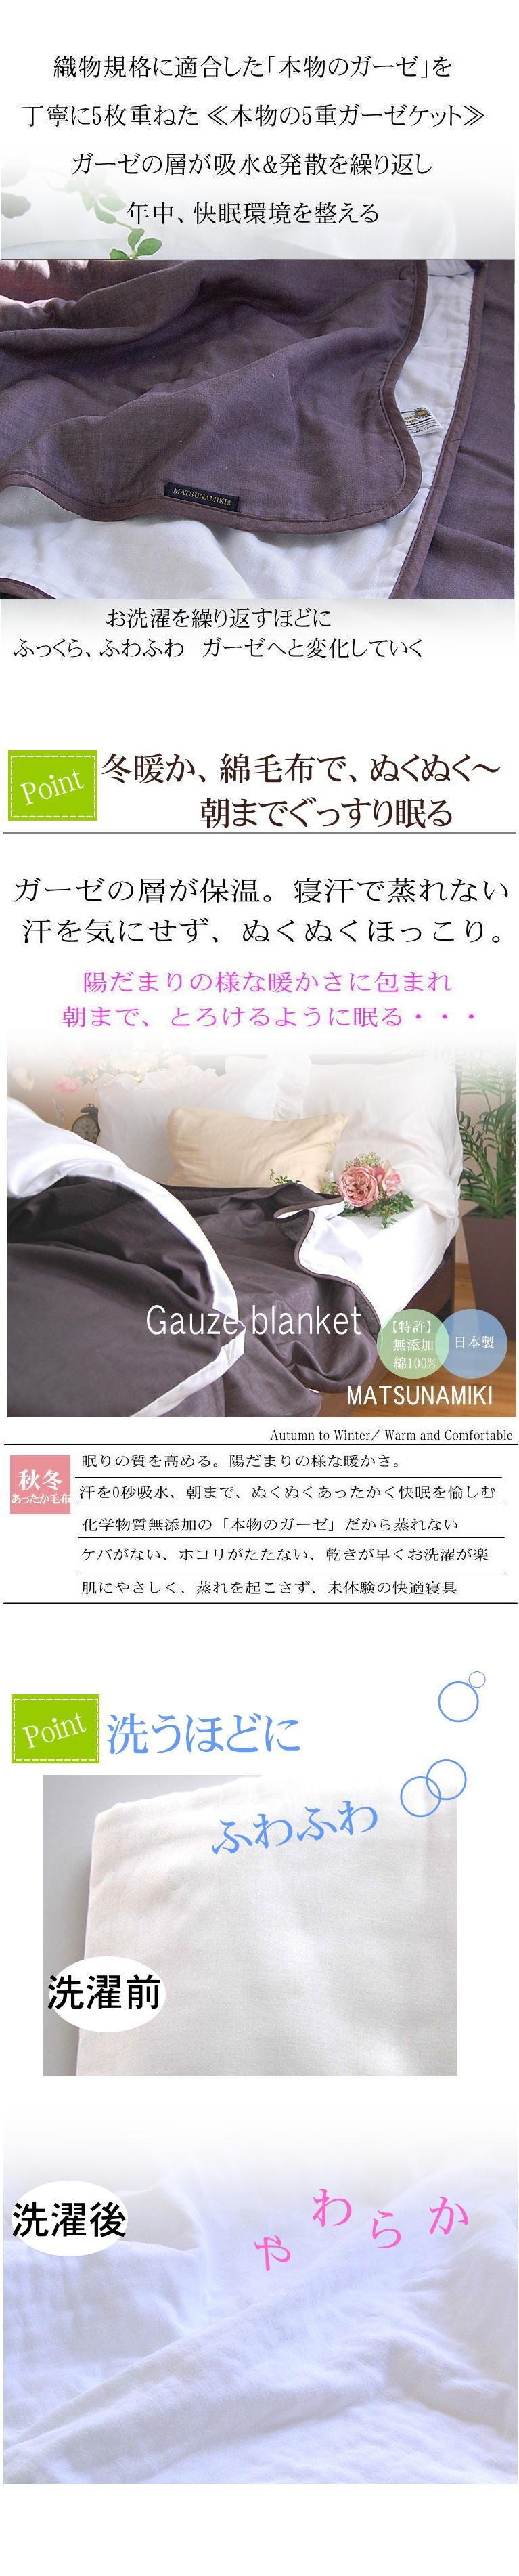 冬 あったか快眠 布団 綿毛布 楽天1位 5重ガーゼケット  松並木 日本製